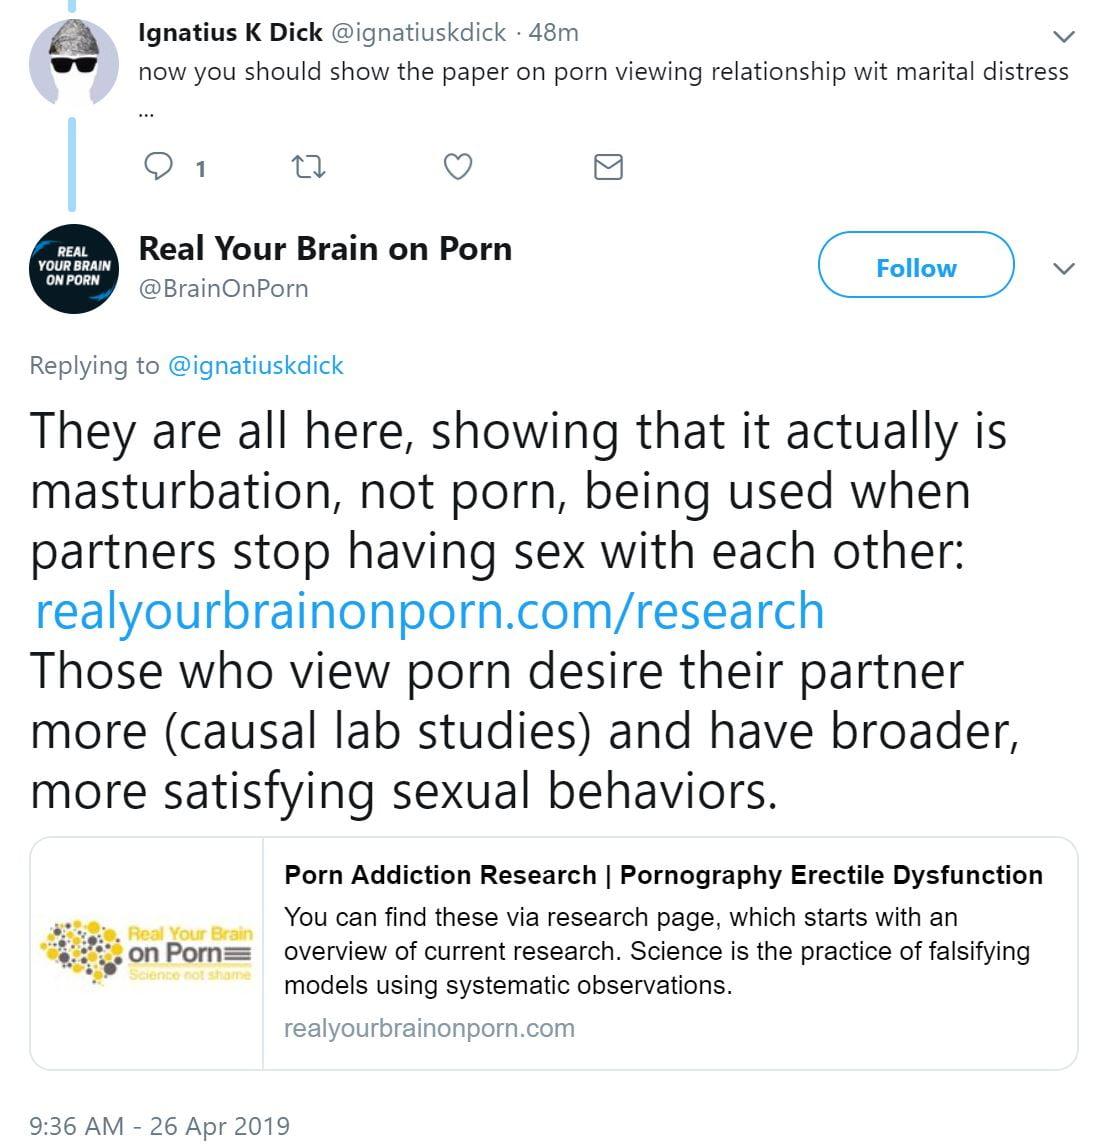 Masturbacija veikia nariu dydzius Valstybes augimas ir padidejimas